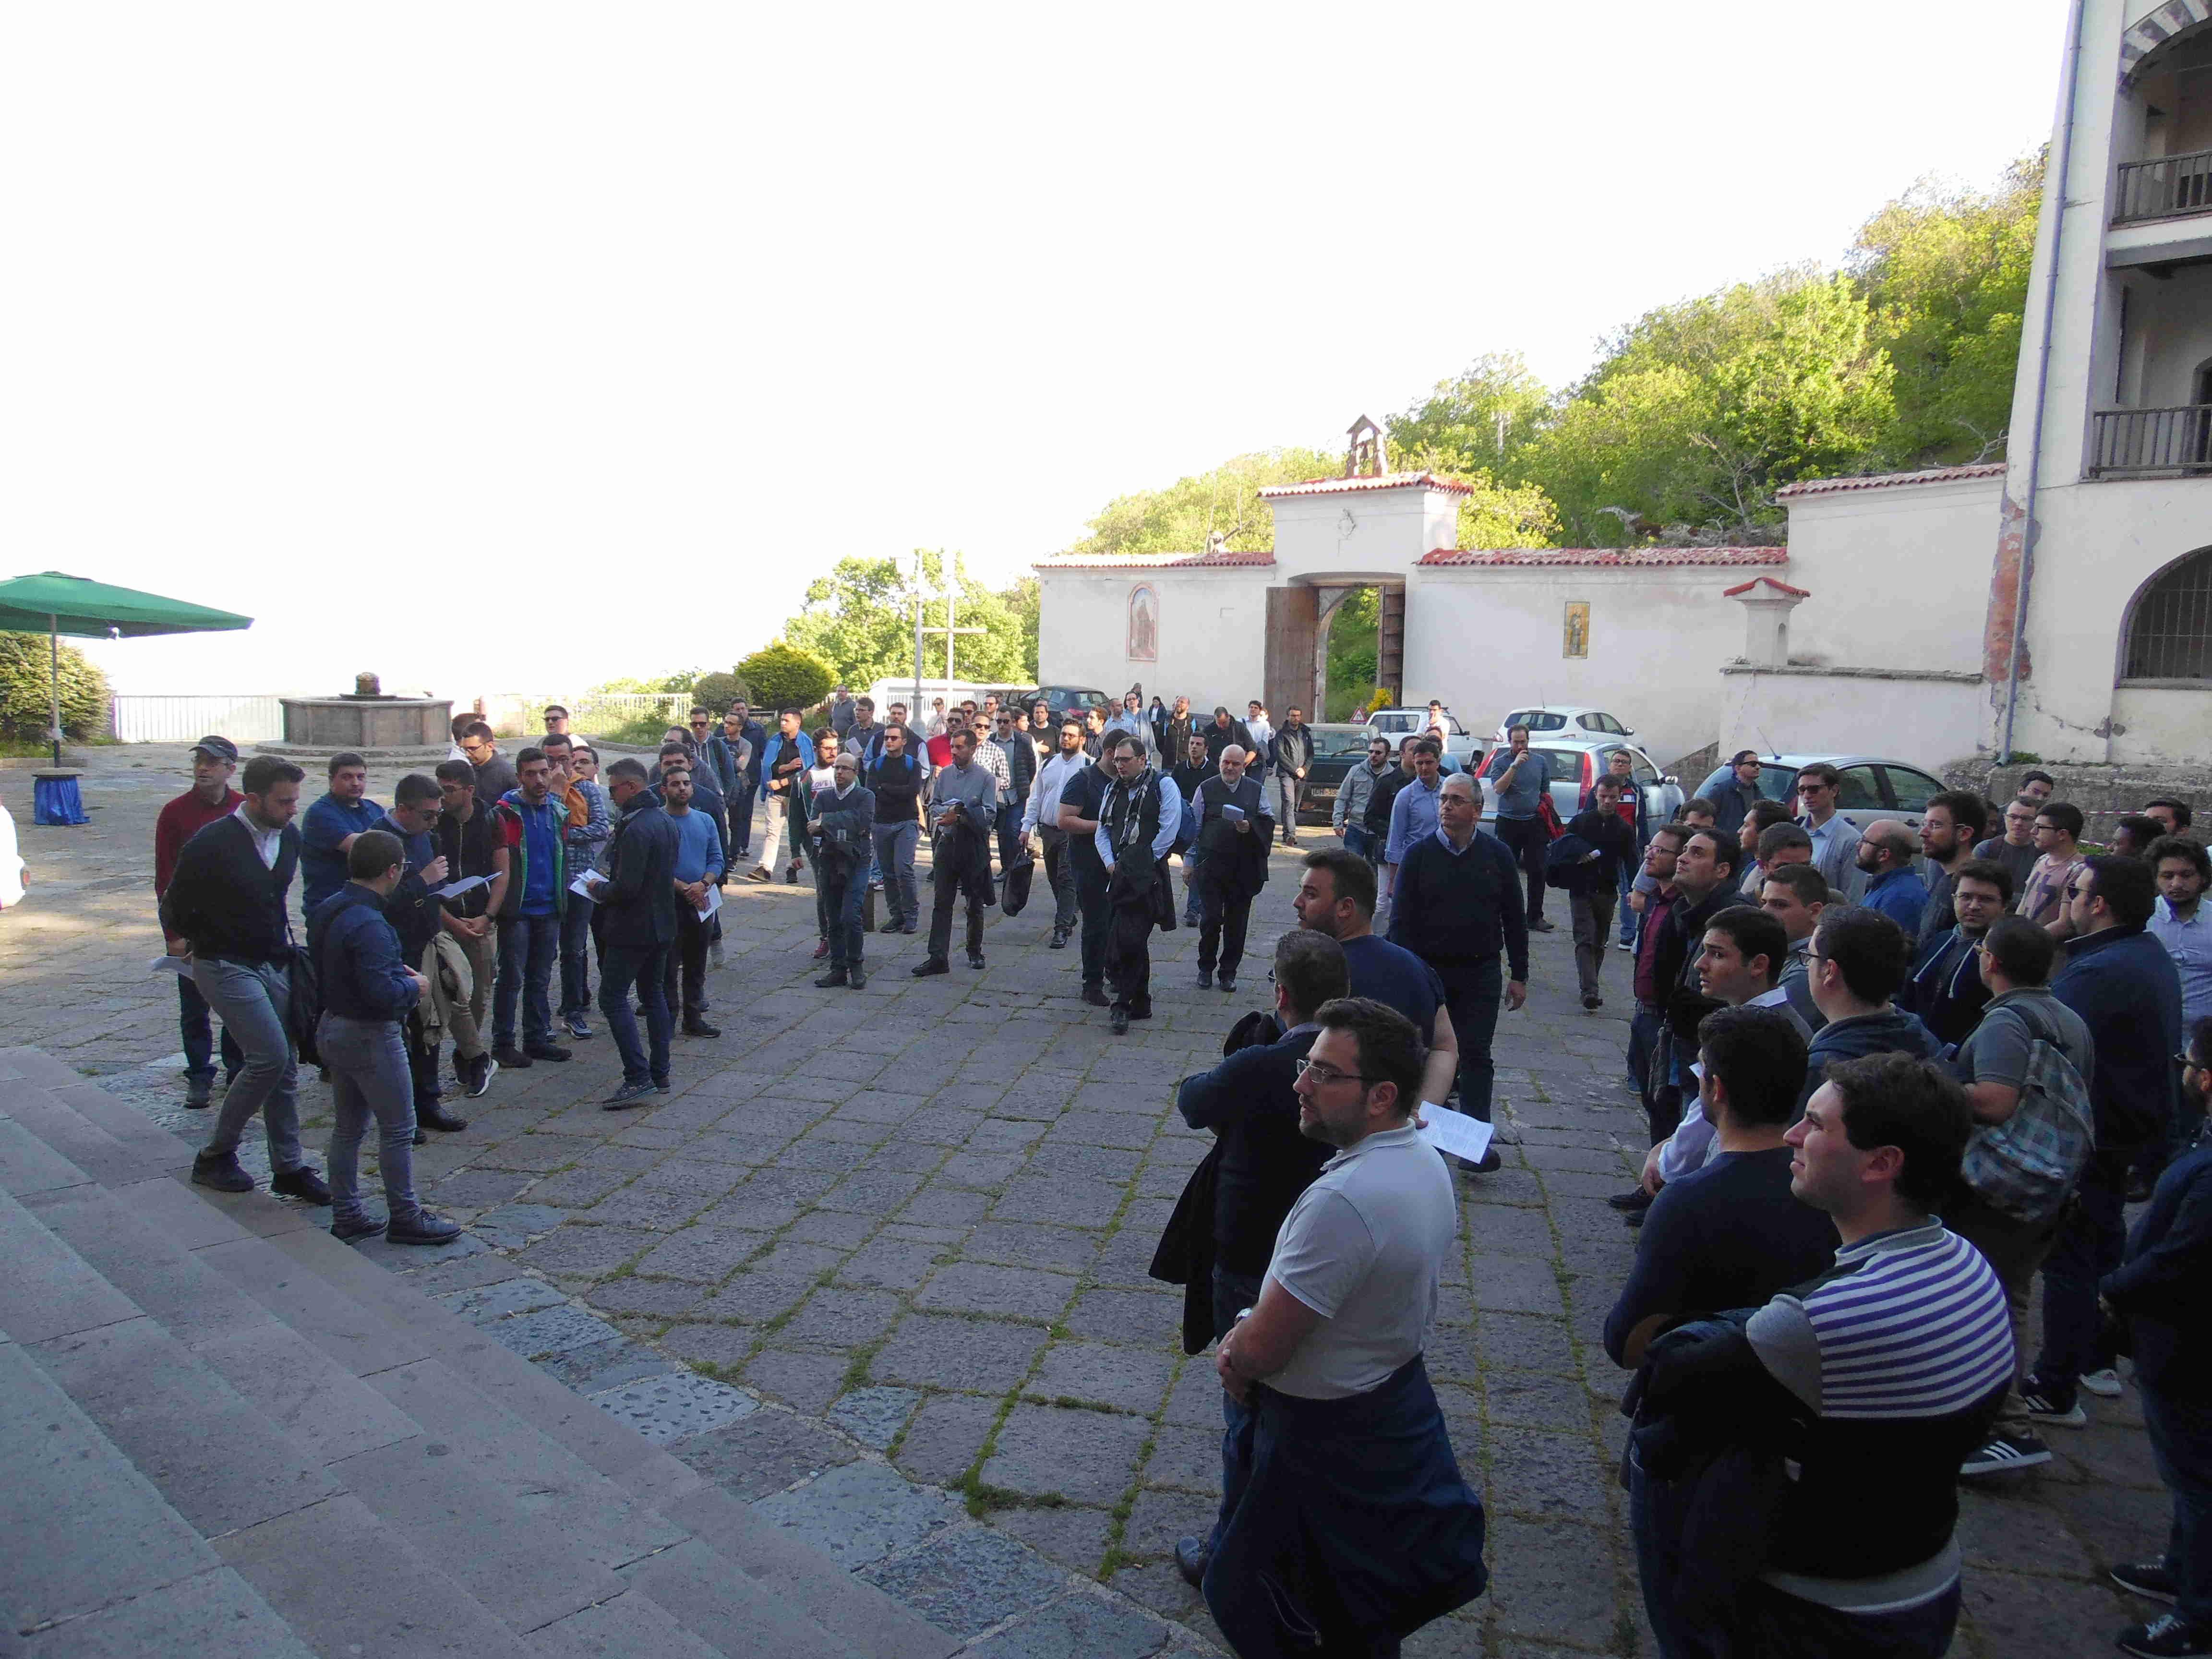 Pellegrinaggio Mariano 18-5-2018 (44)